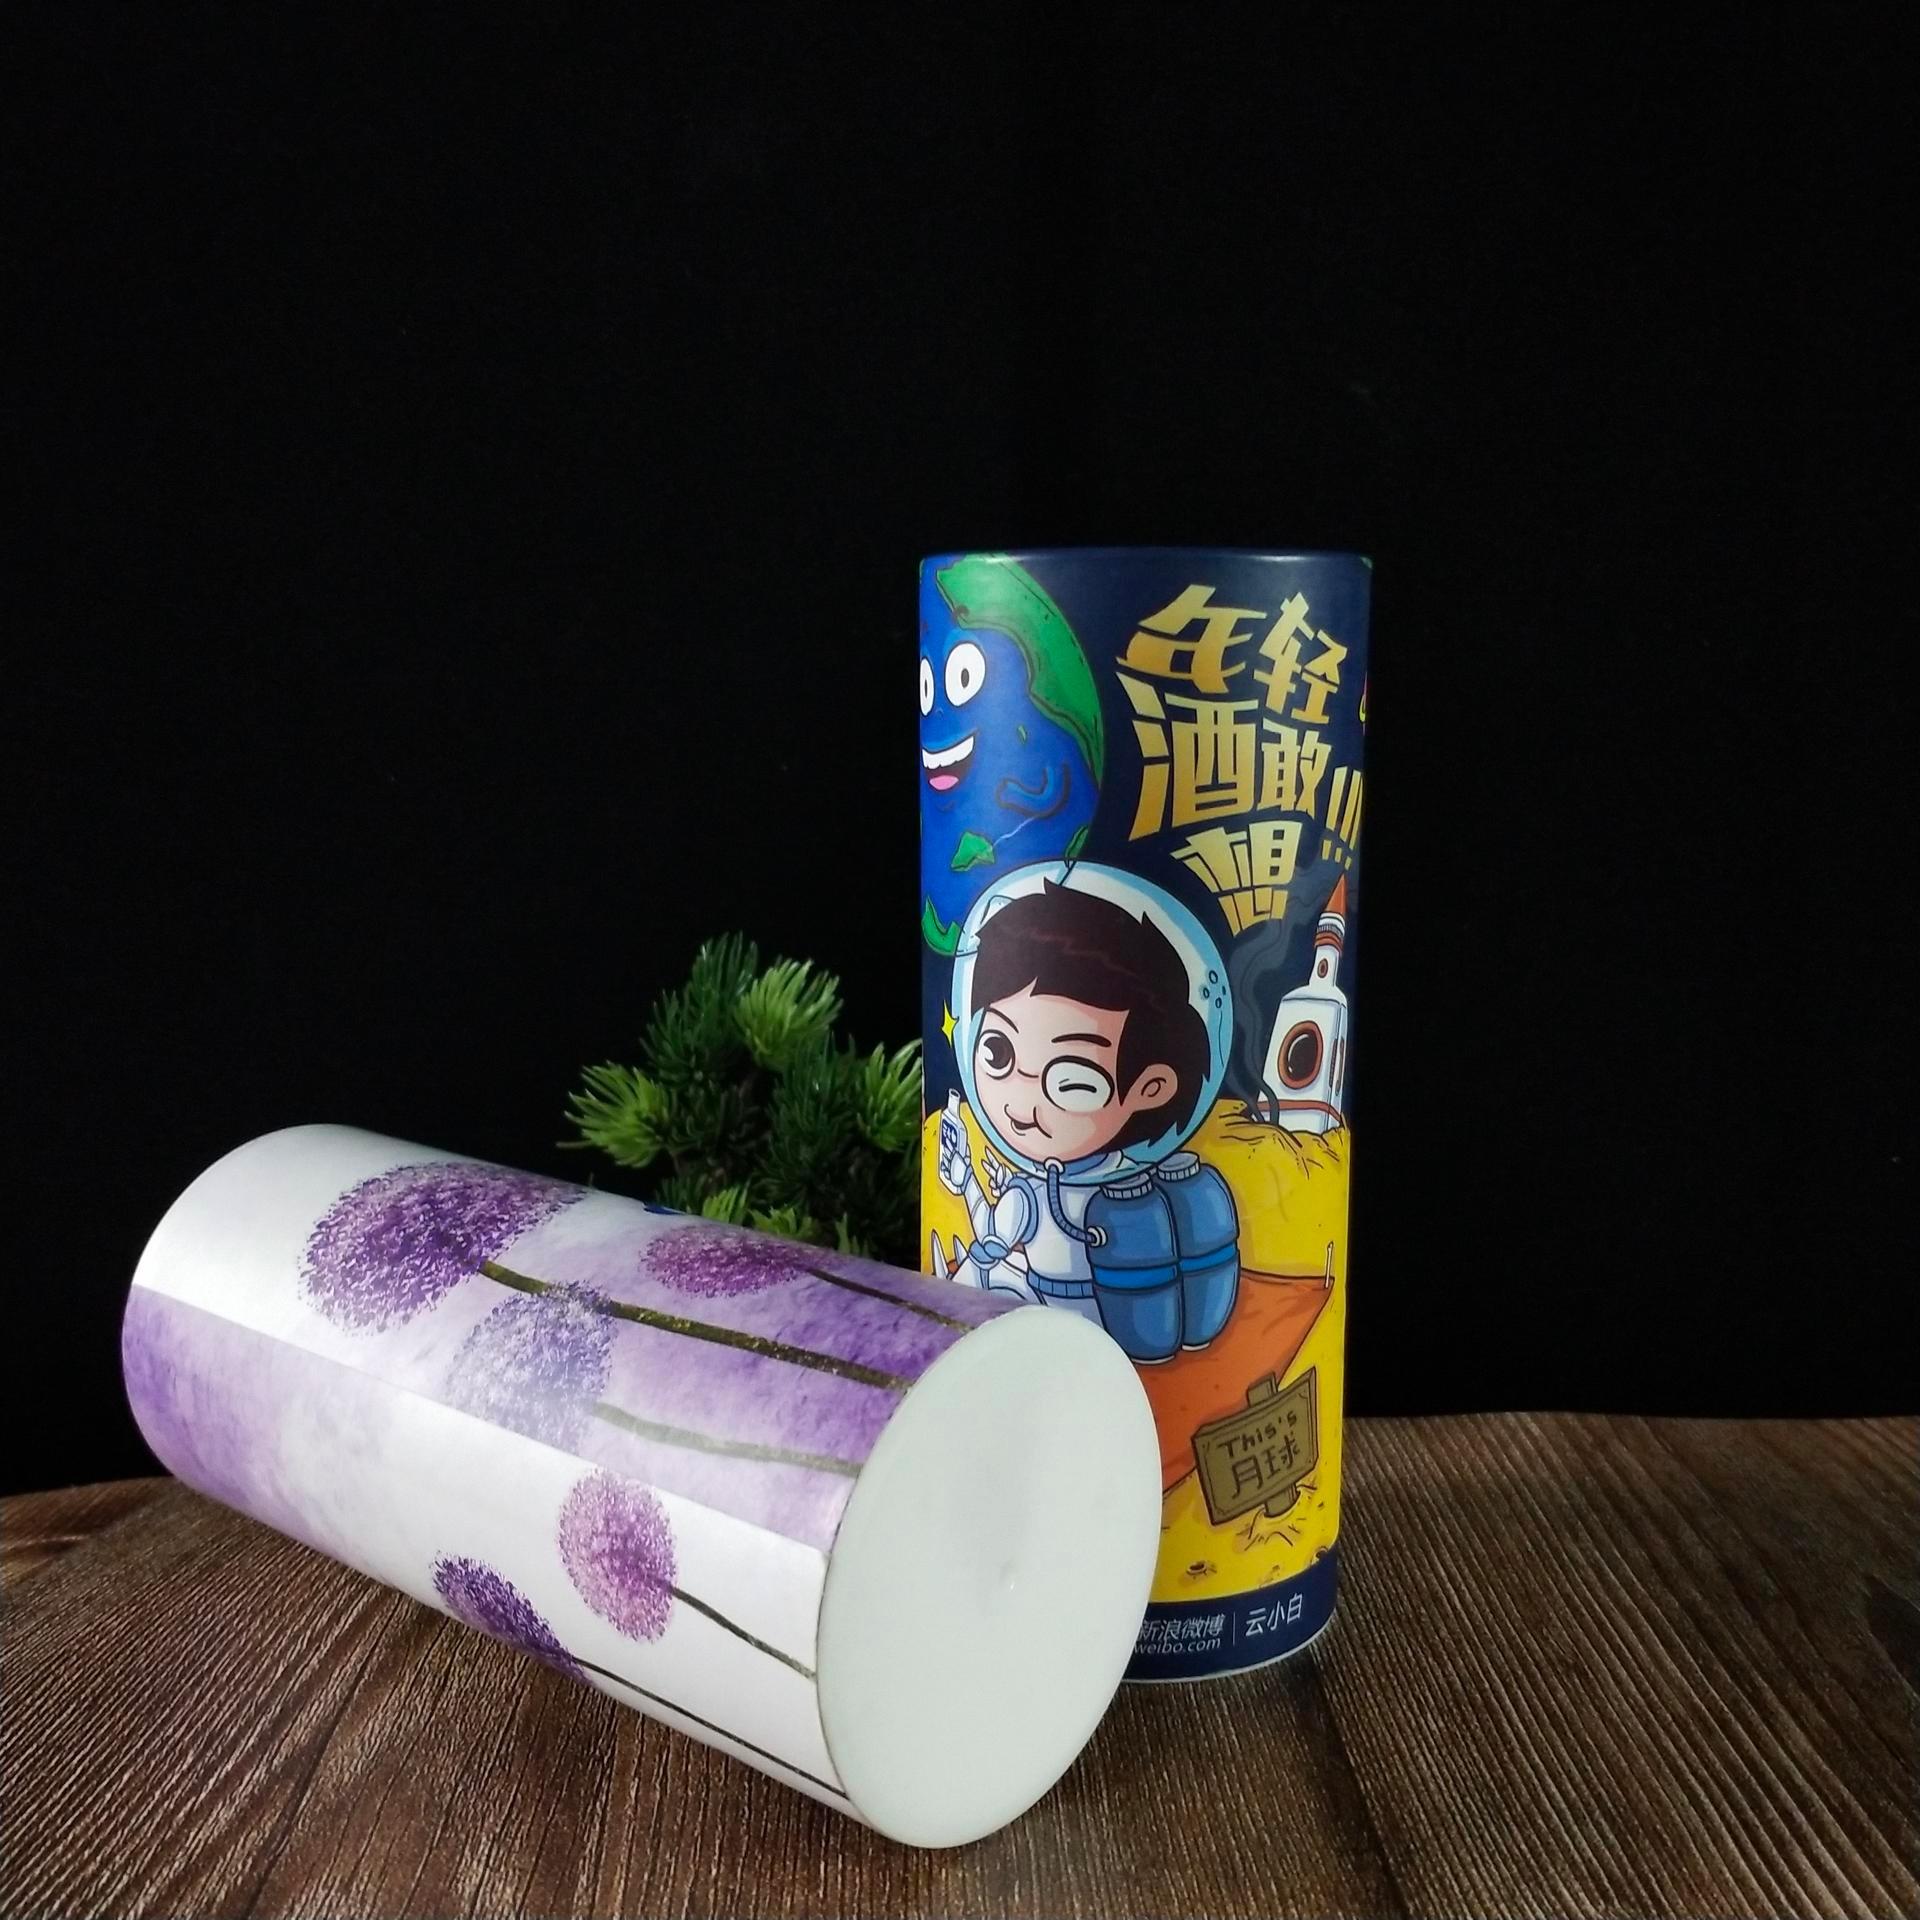 品翼牛皮紙包裝設計 |印刷包裝盒 |印刷包裝設計|印刷紙盒|印刷制作|整套包裝設計|紙袋包裝設計|紙盒設計|紙箱包裝設計